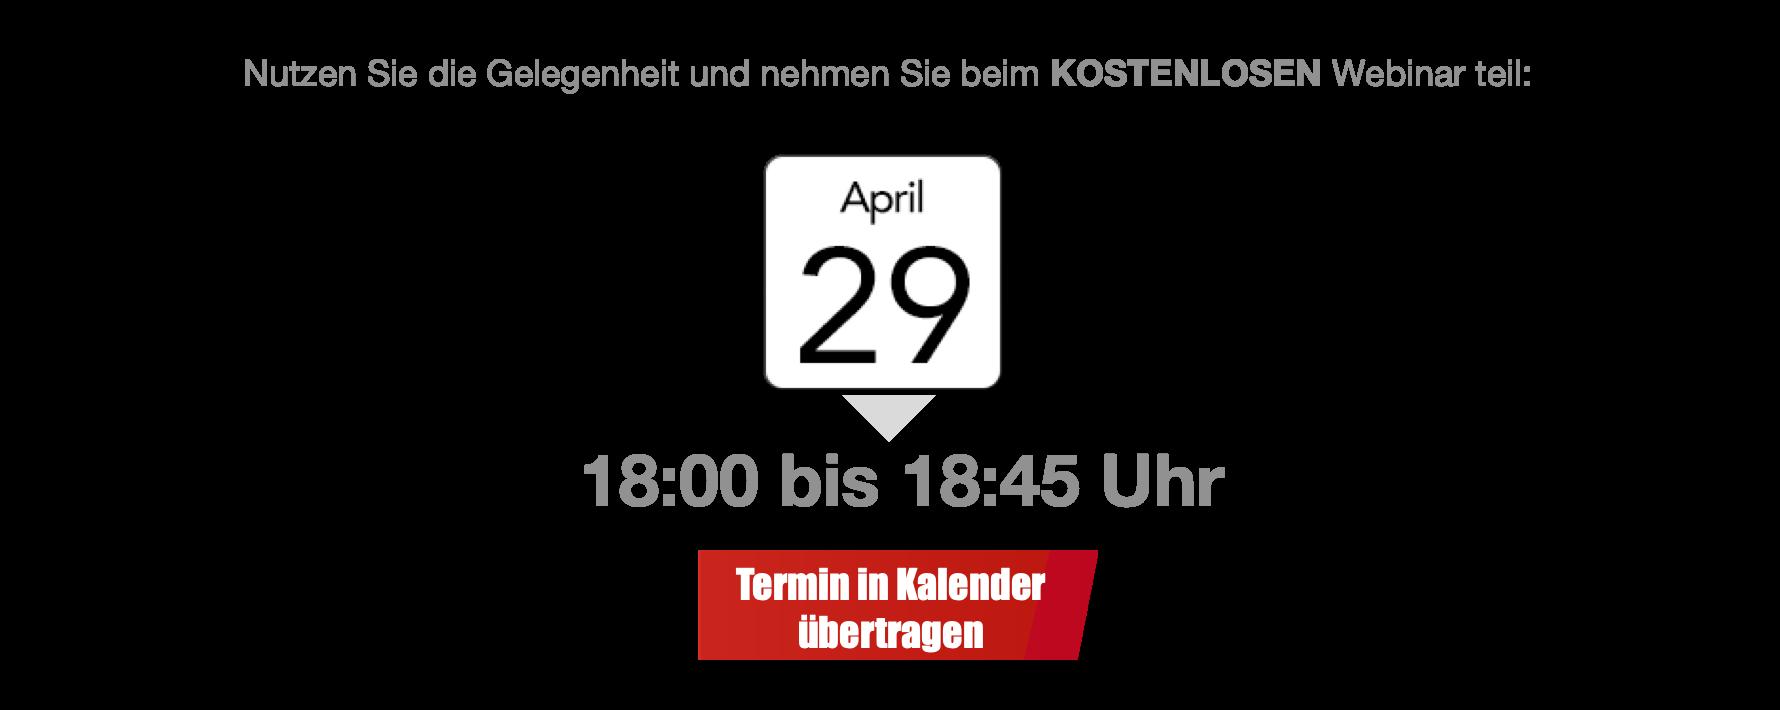 http://newsletter.denkform.net/2020/04/denkform_events.ics